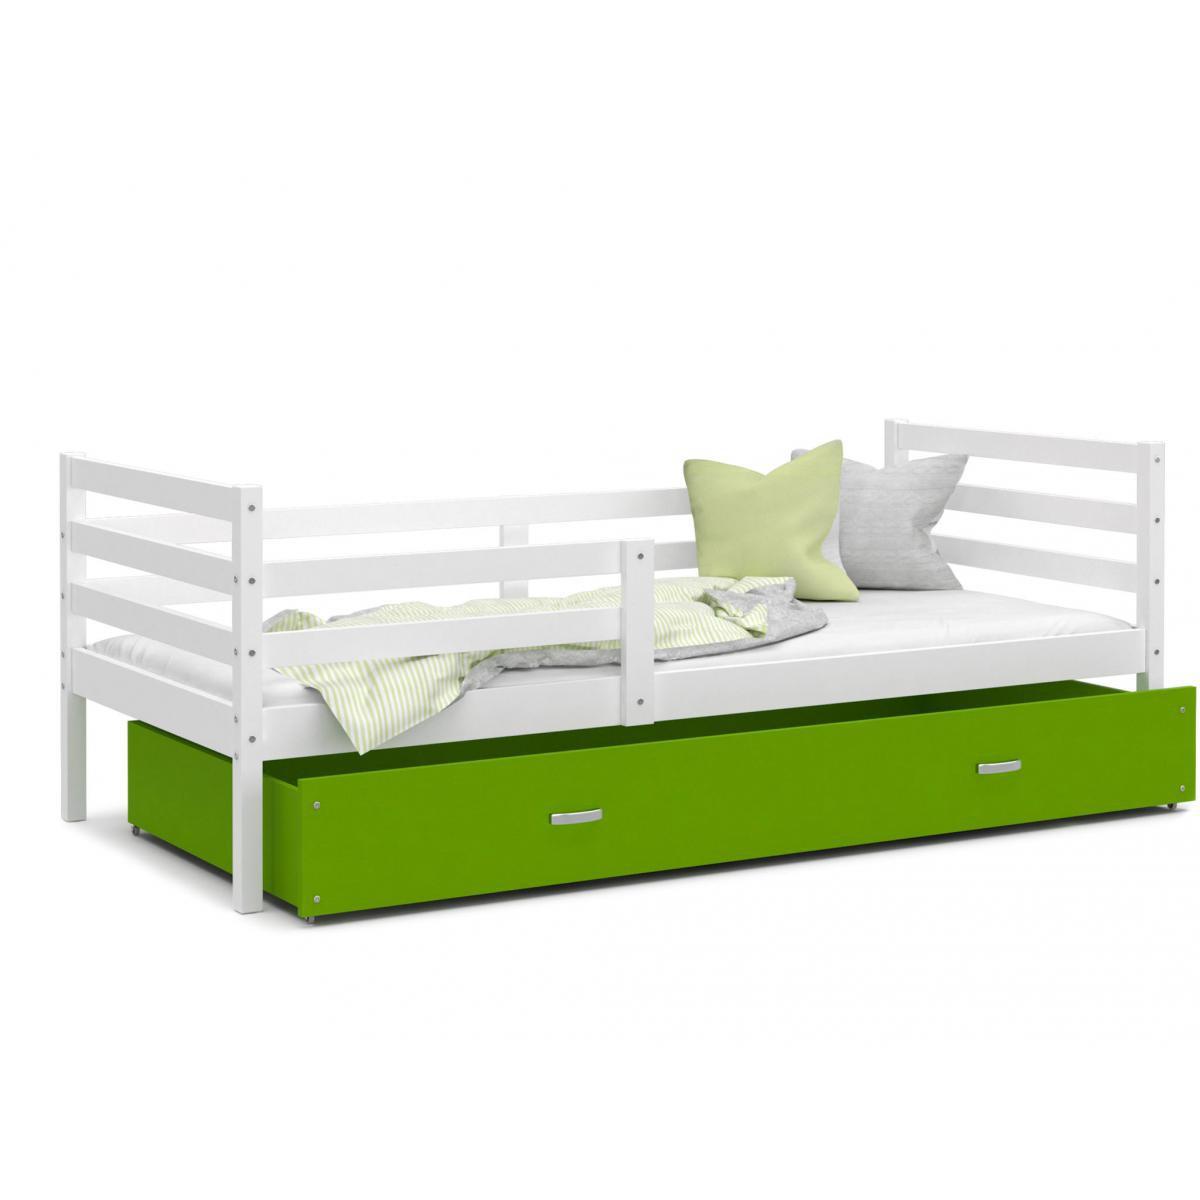 Kids Literie LIT Enfant Milo 90x190 Blanc - Vert livré avec sommier, tiroir et matelas de 7cm OFFERT.